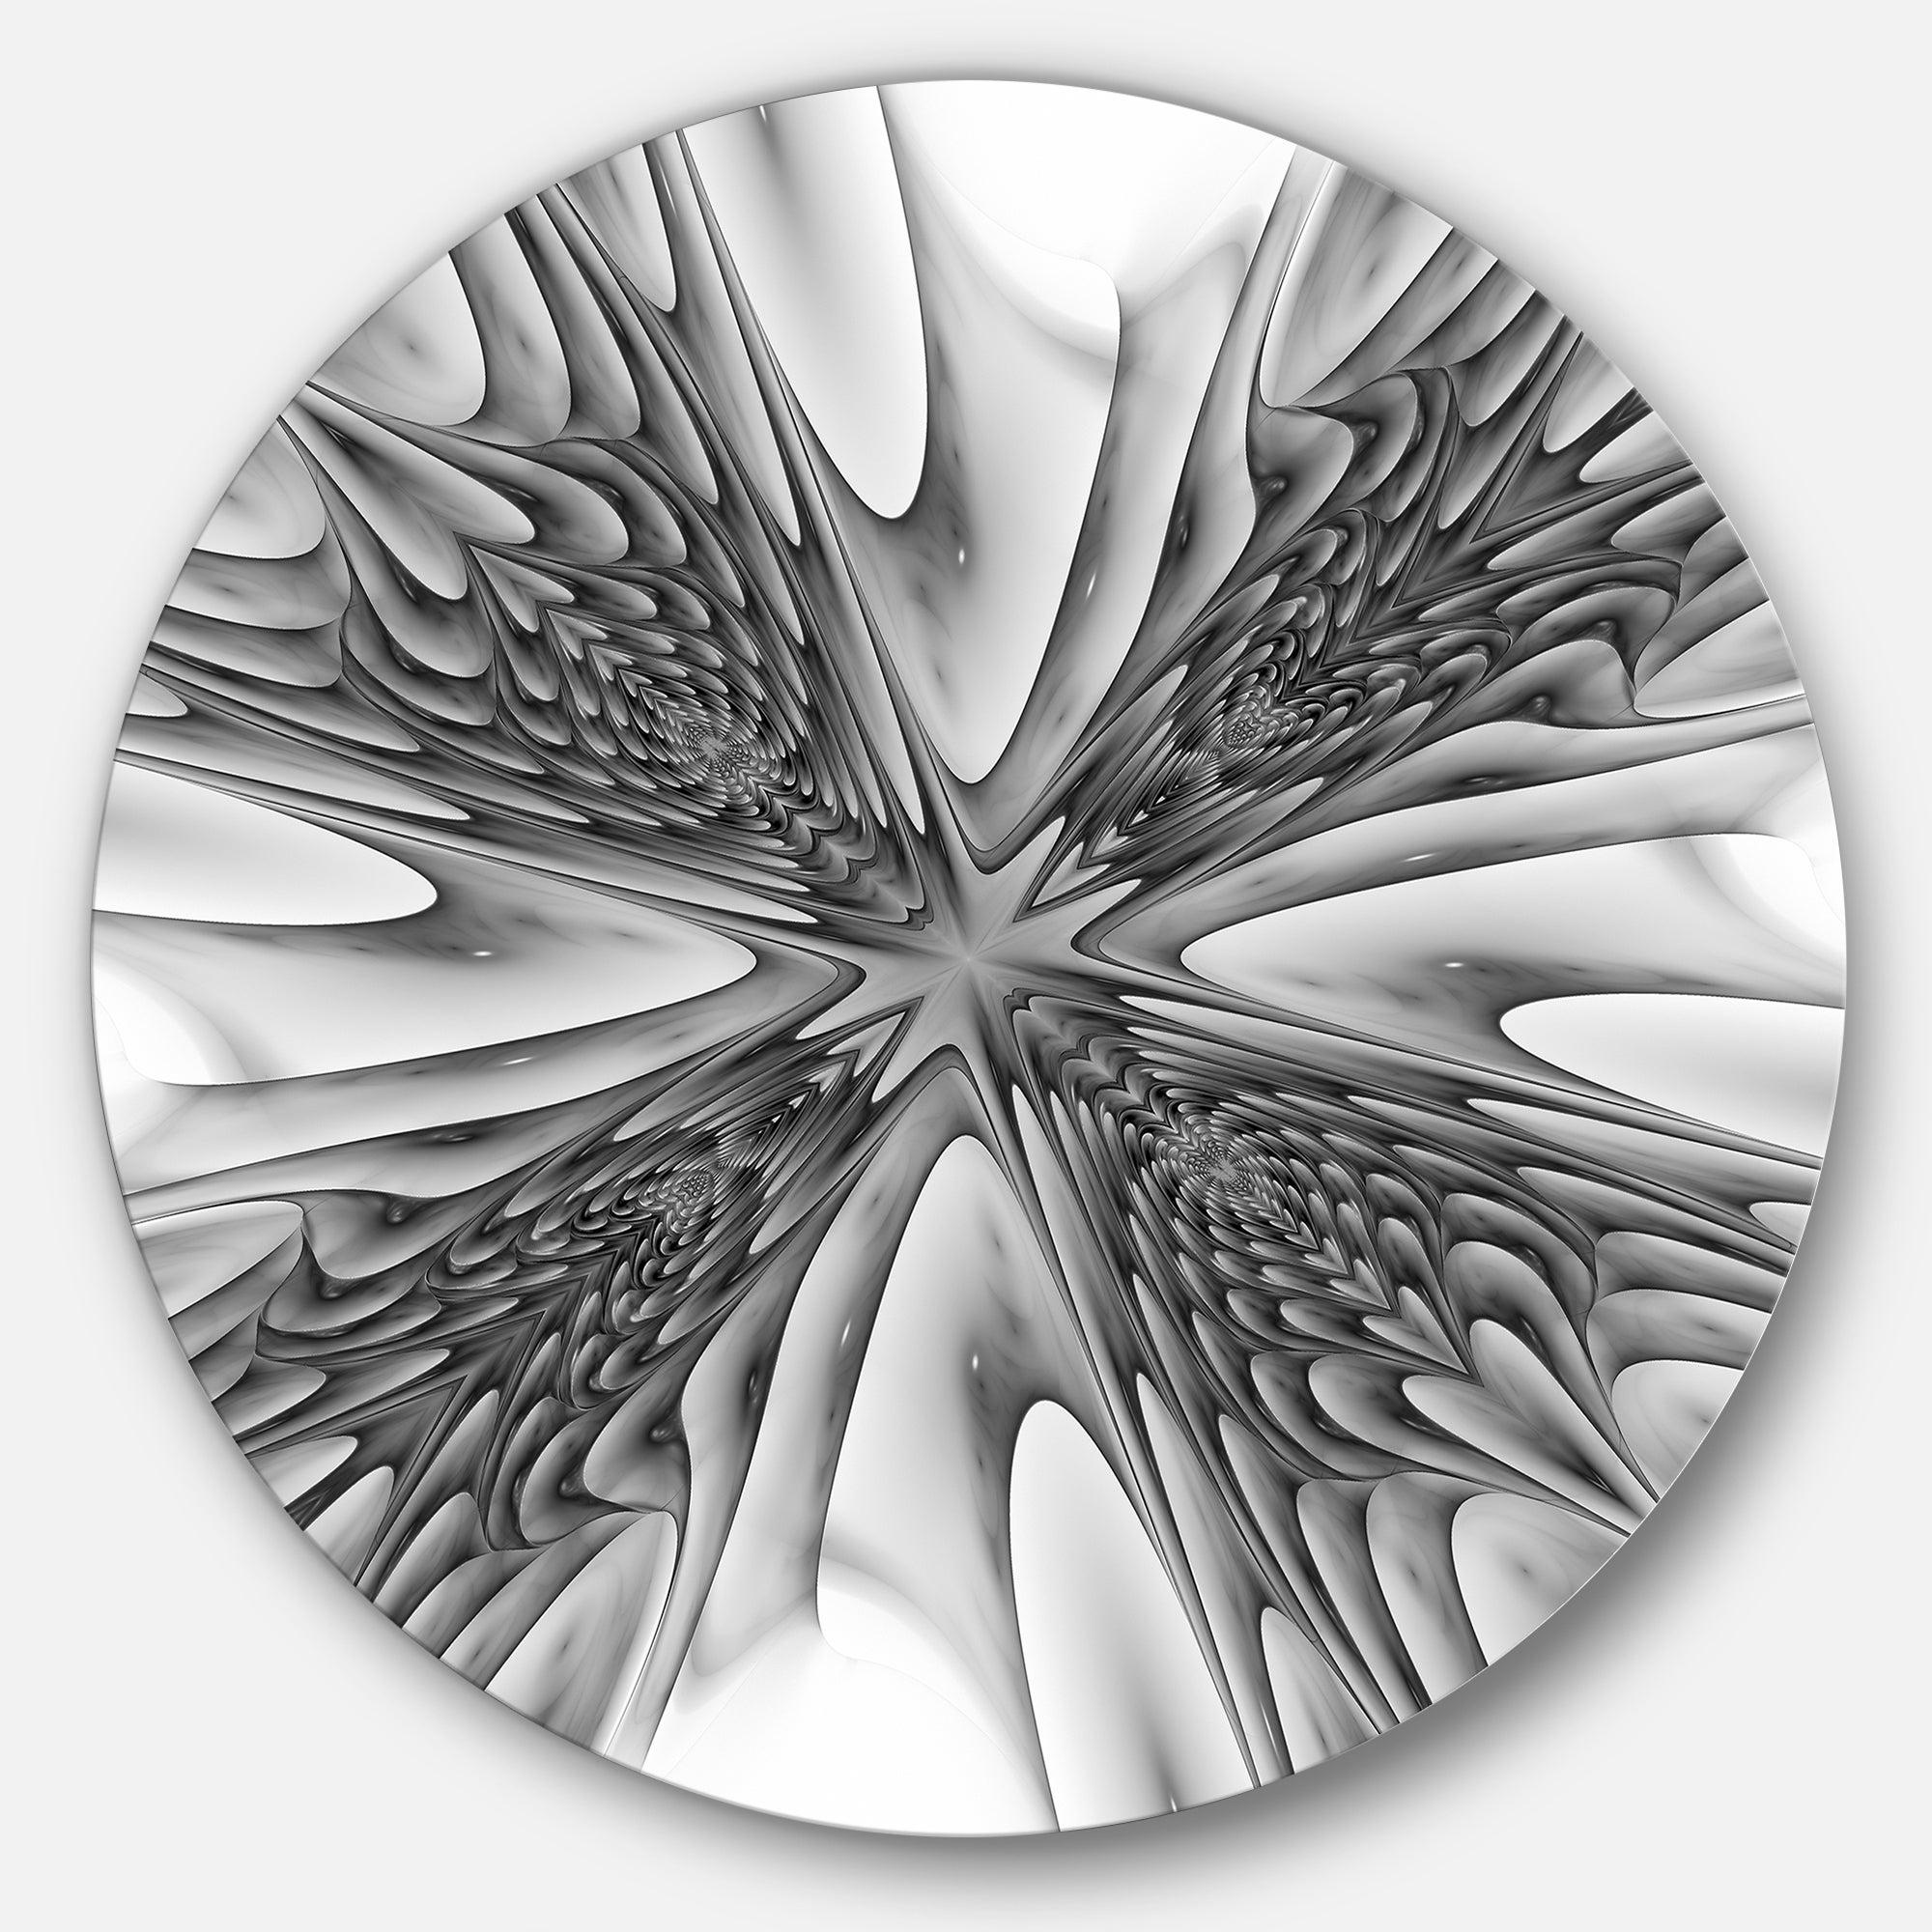 Shop Designart Fractal 3d Magical Depth Abstract Art Round Wall Art Overstock 14254170